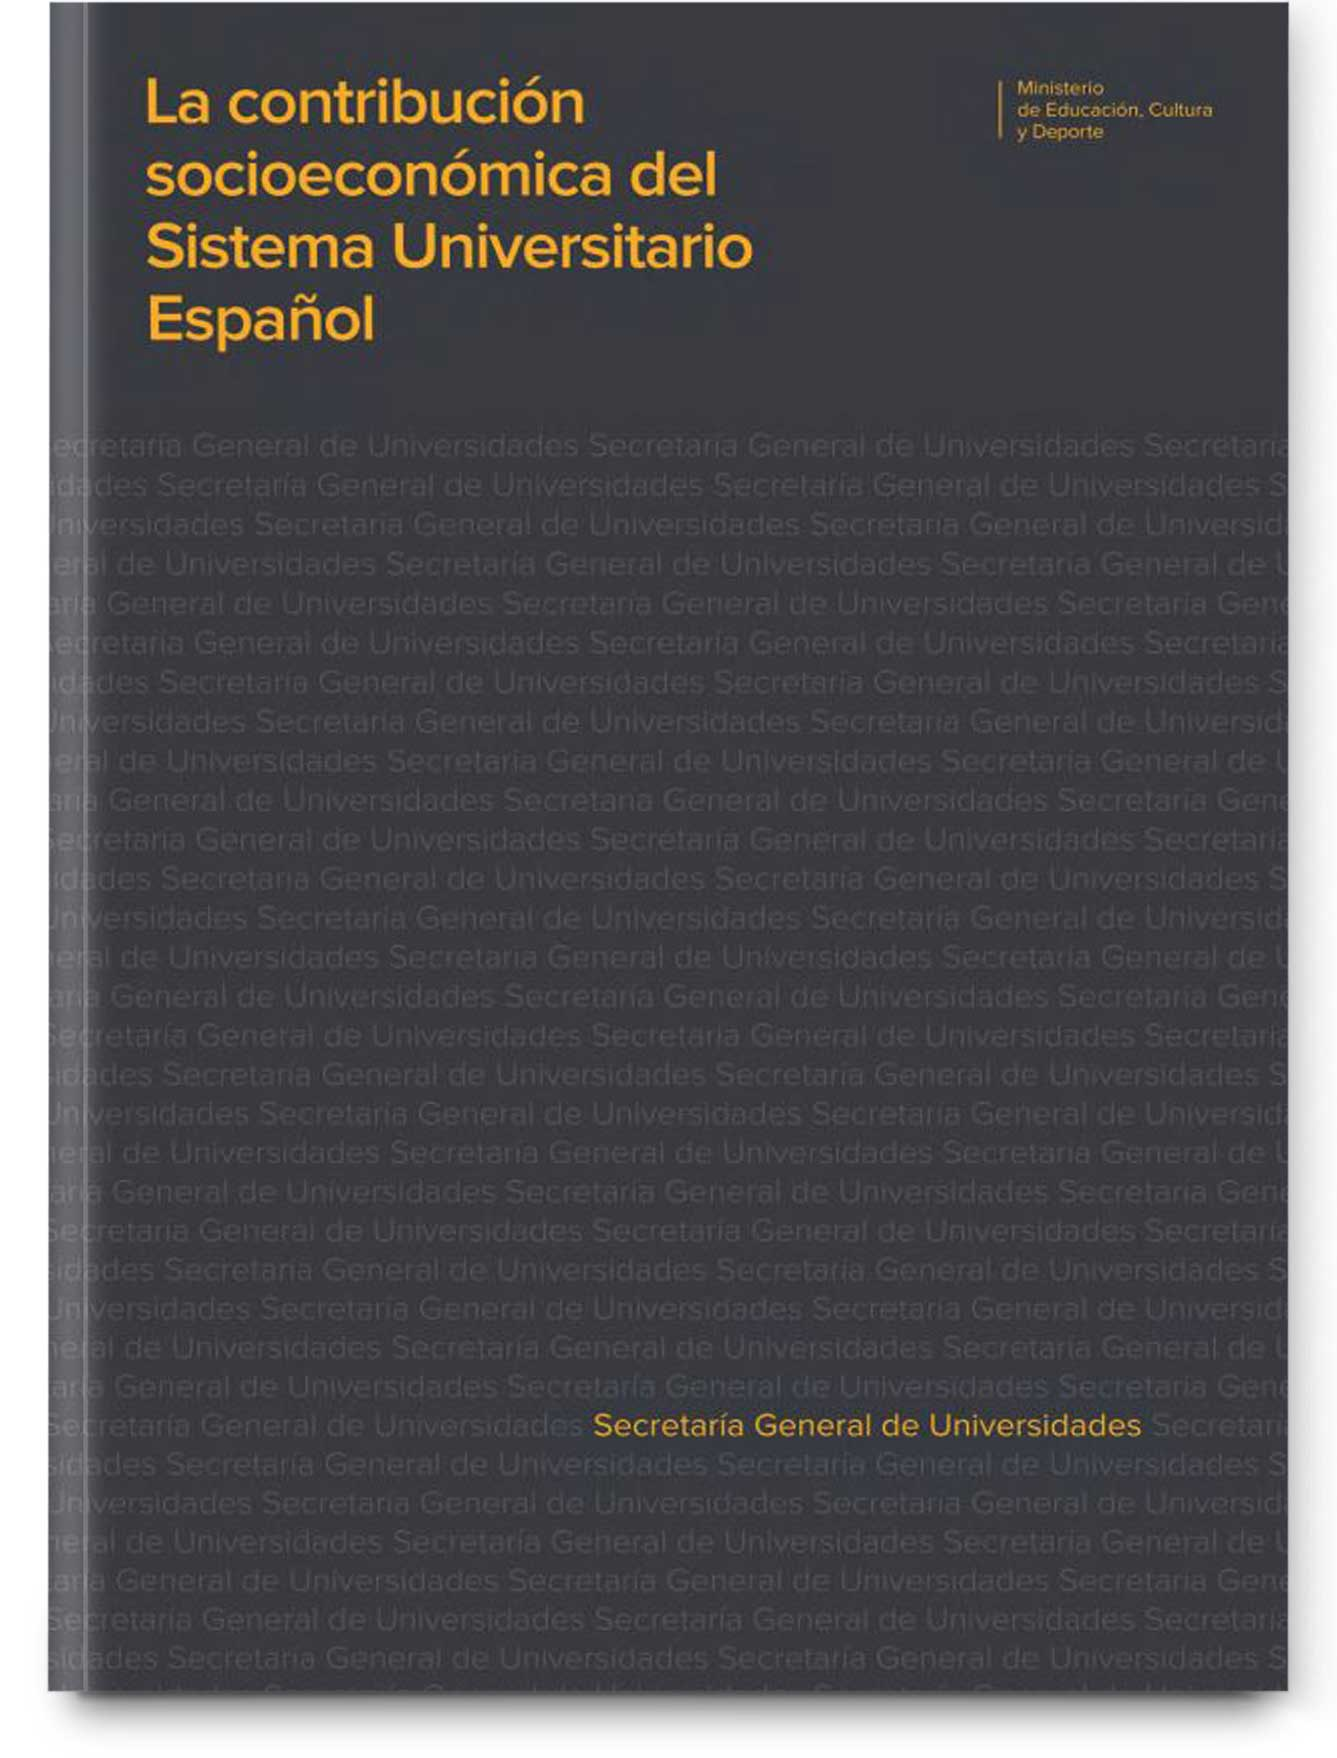 La contribución socioeconómica del Sistema Universitario Español